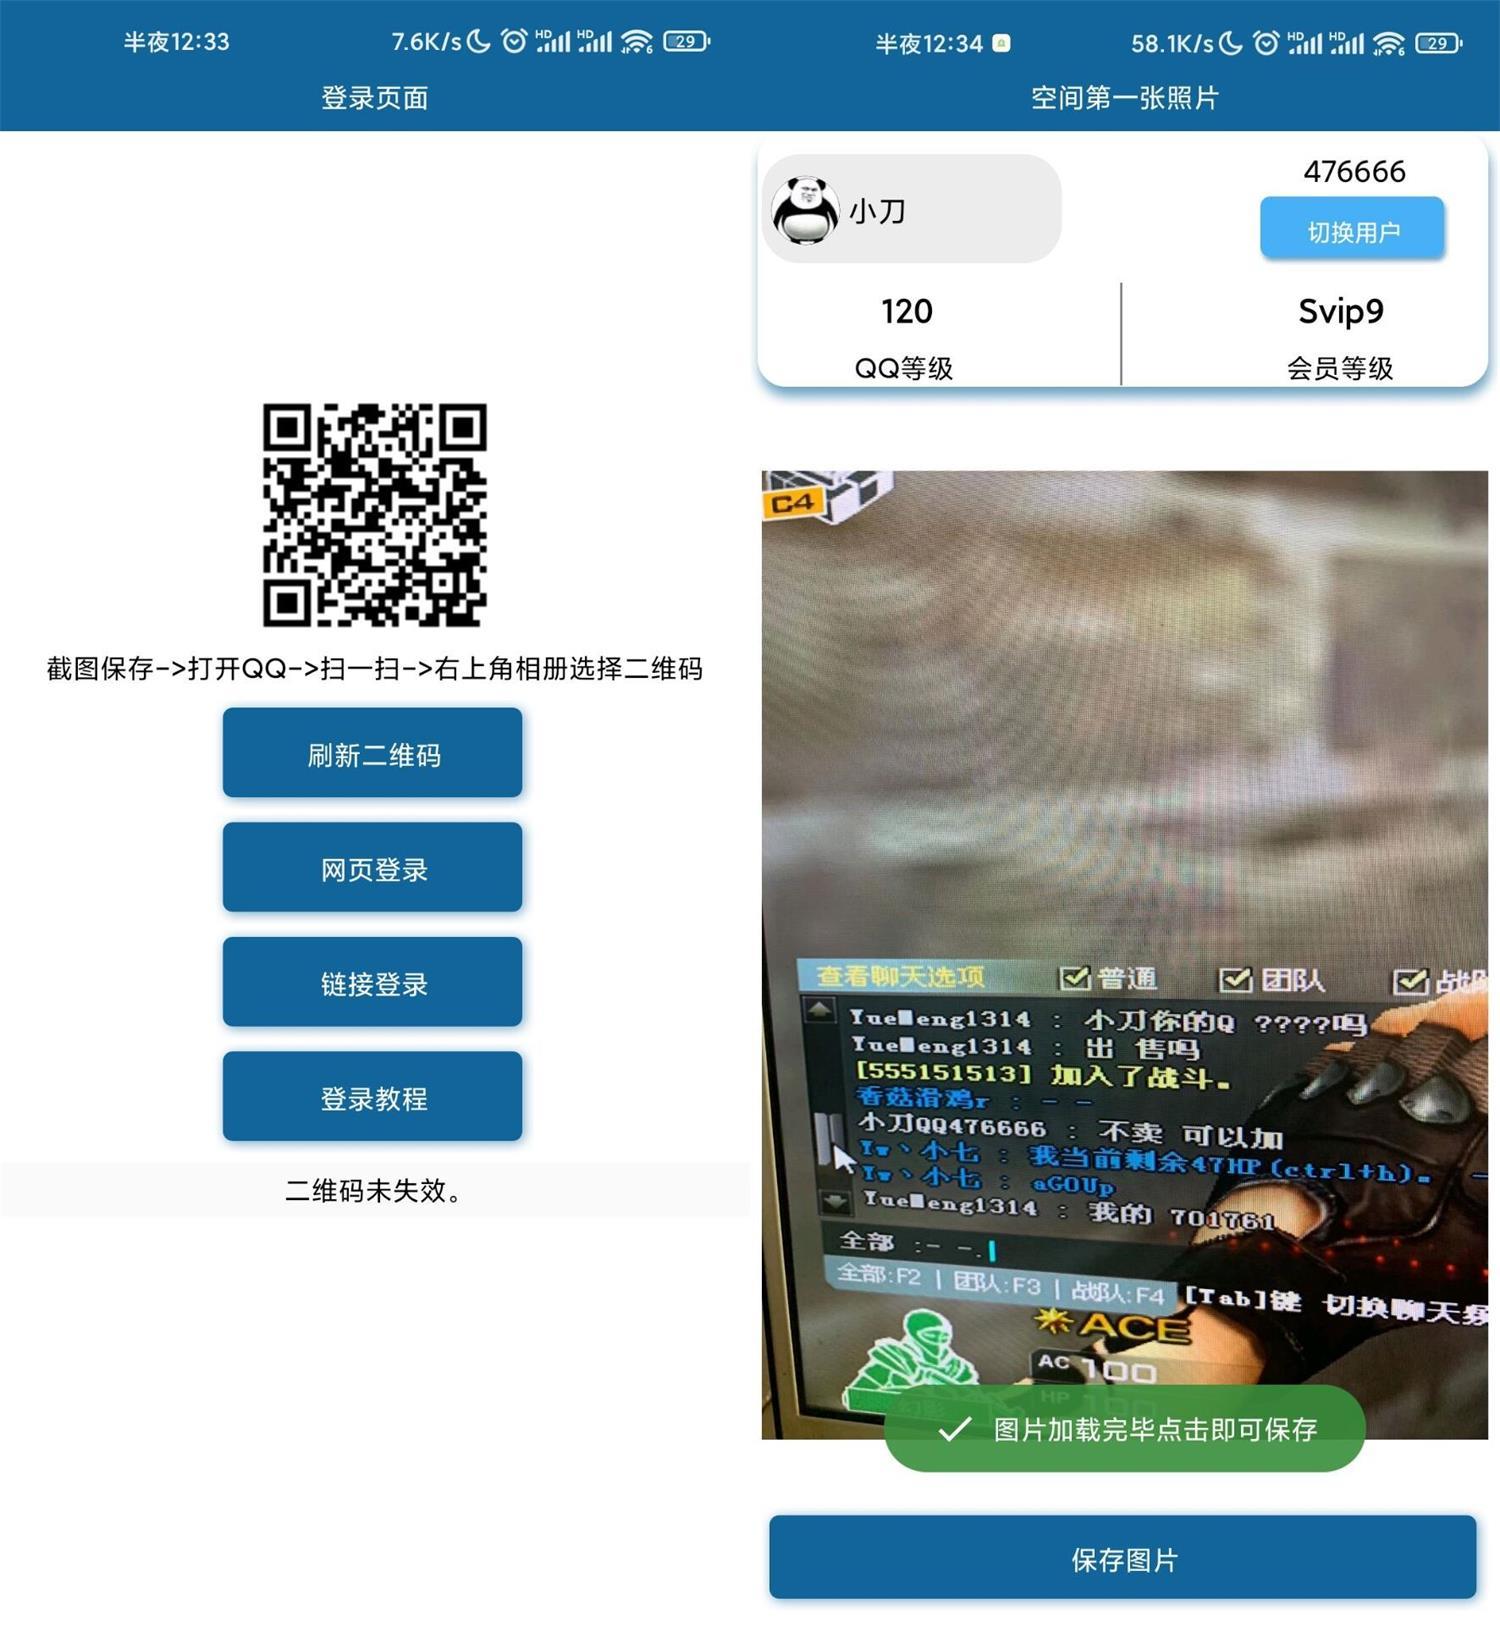 安卓QQ空间第一张照片v1.0